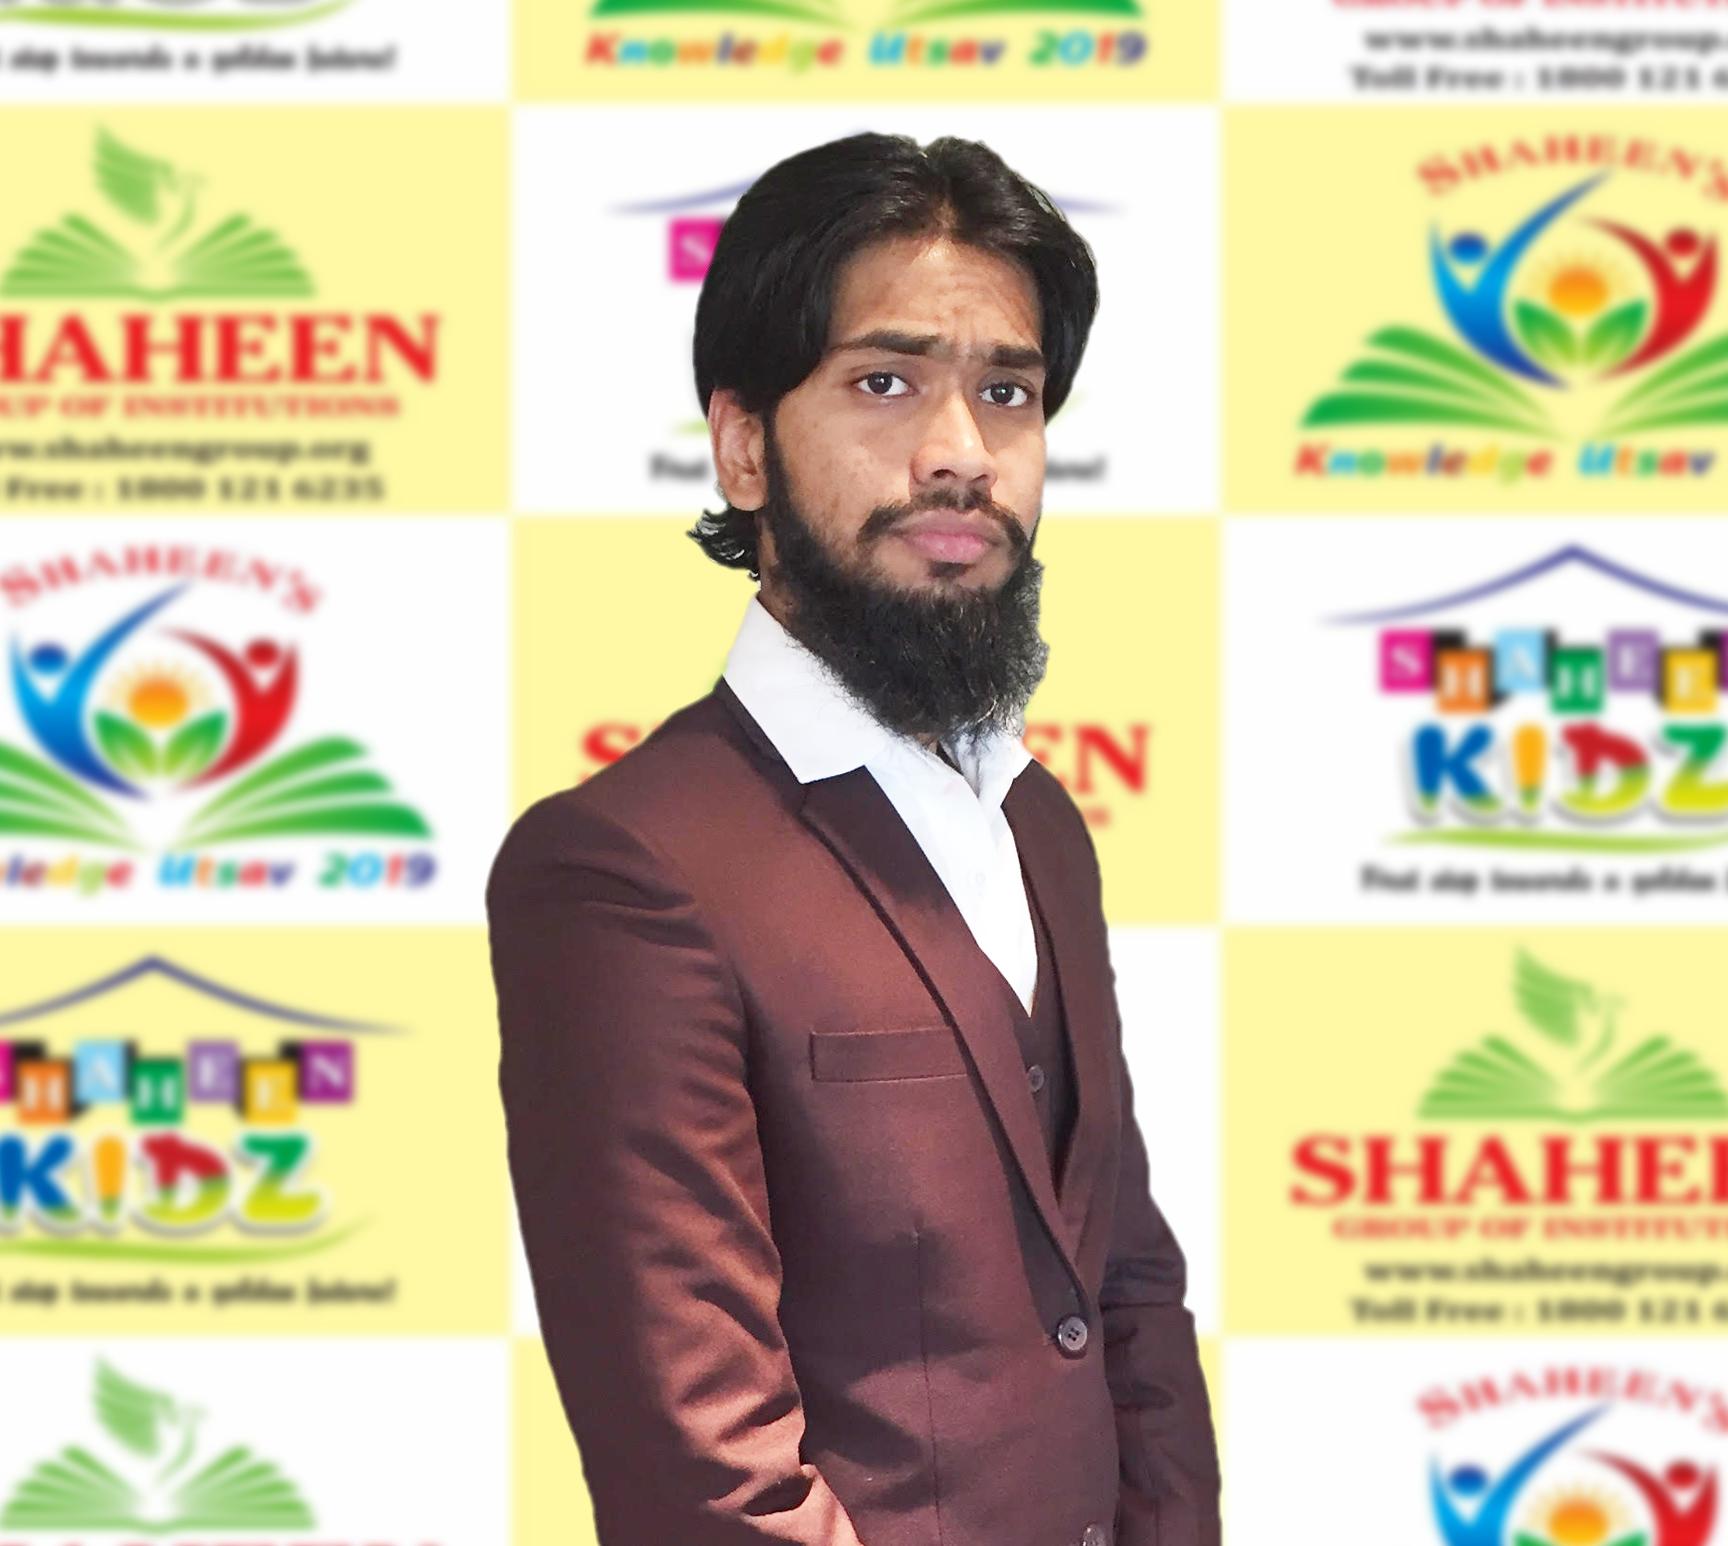 Mr Abdul Azeez